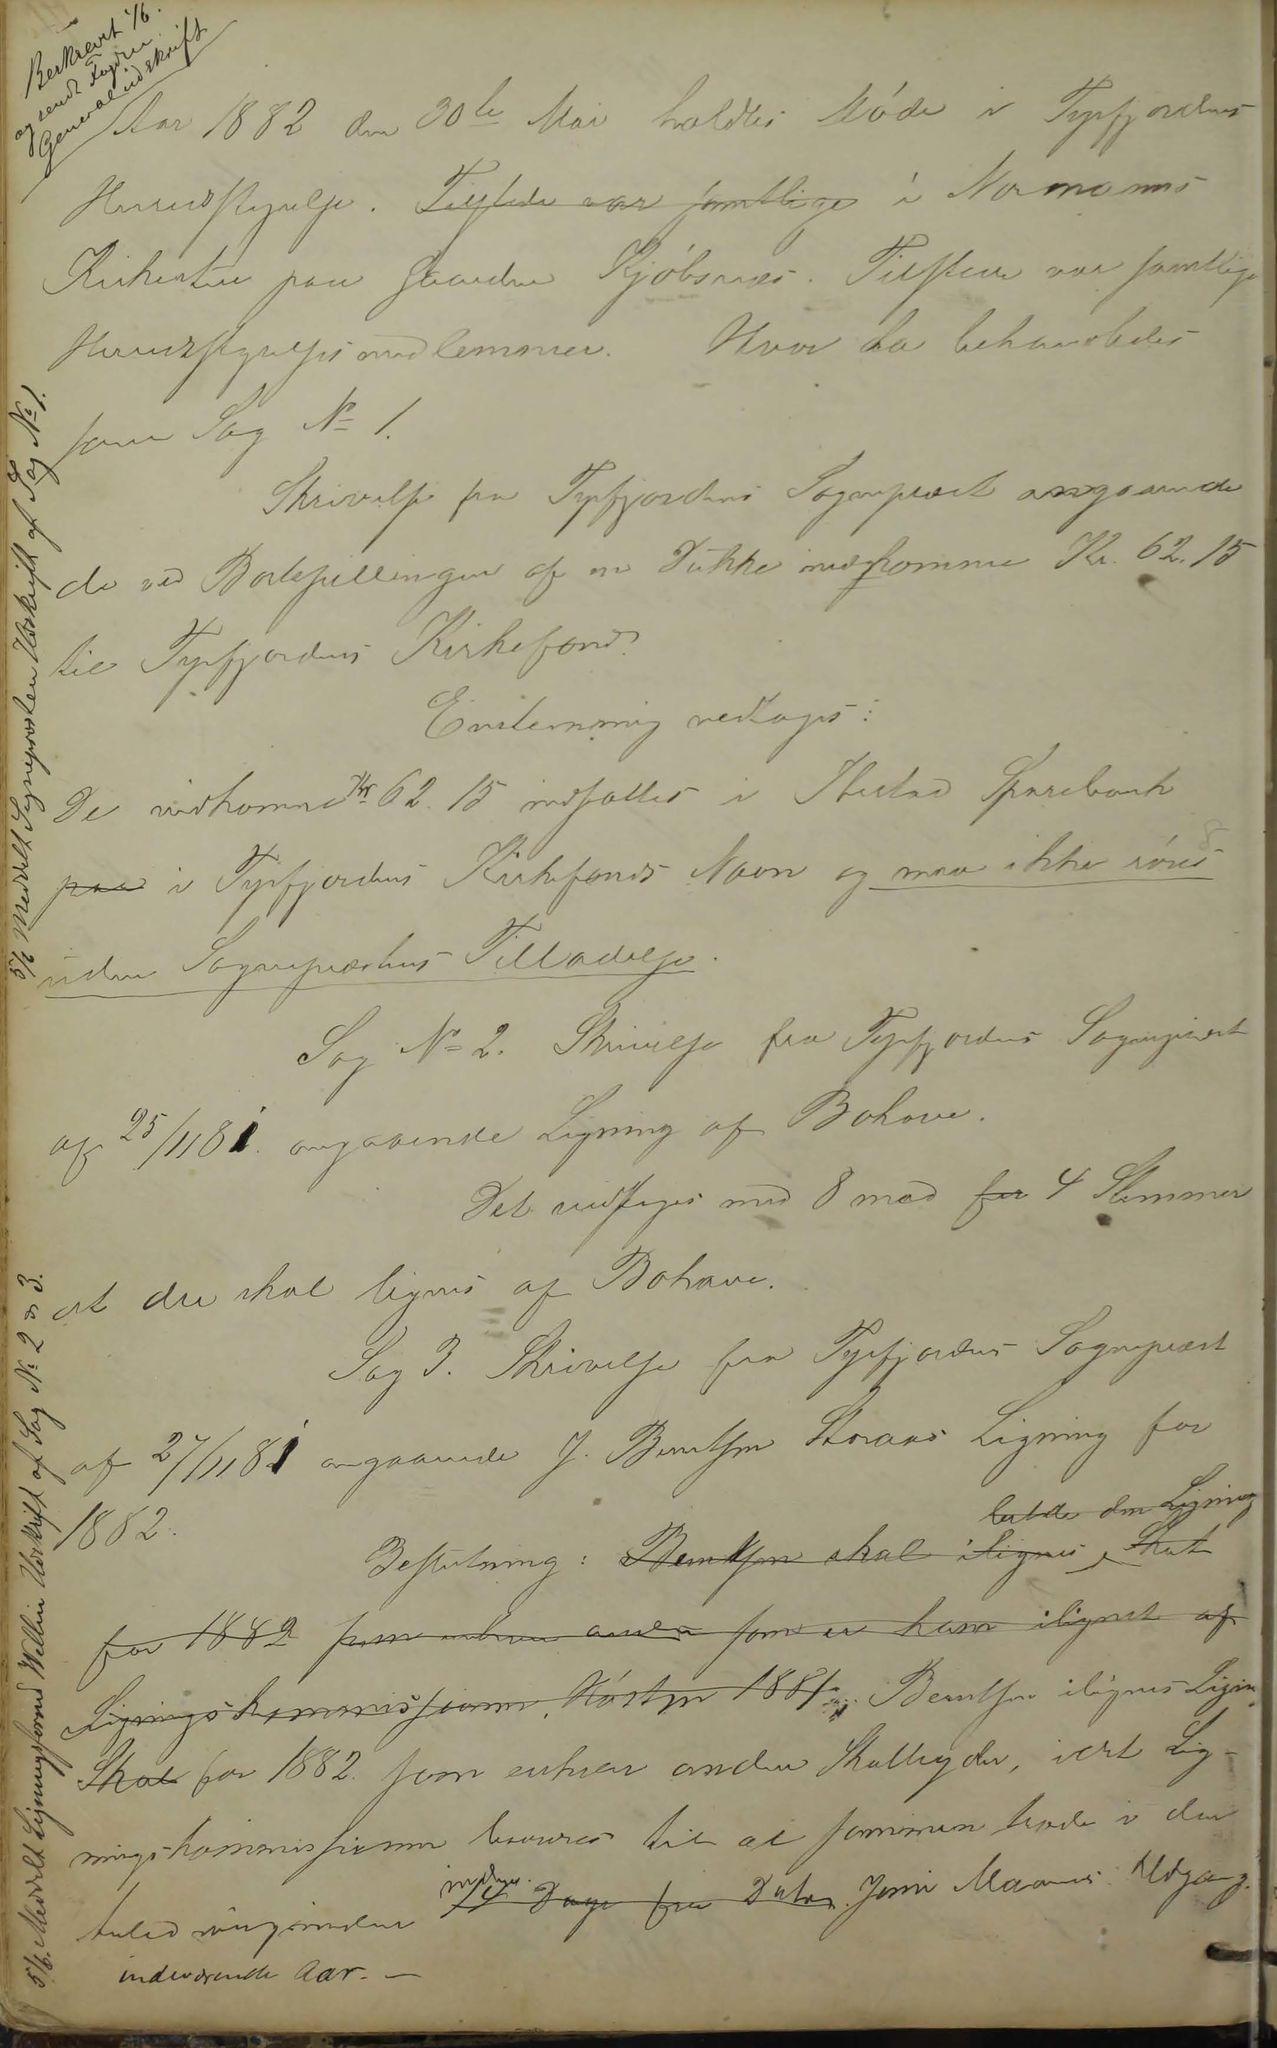 AIN, Tysfjord kommune. Formannskapet, 100/L0001: Forhandlingsprotokoll for Tysfjordens formandskab, 1869-1895, s. 70b